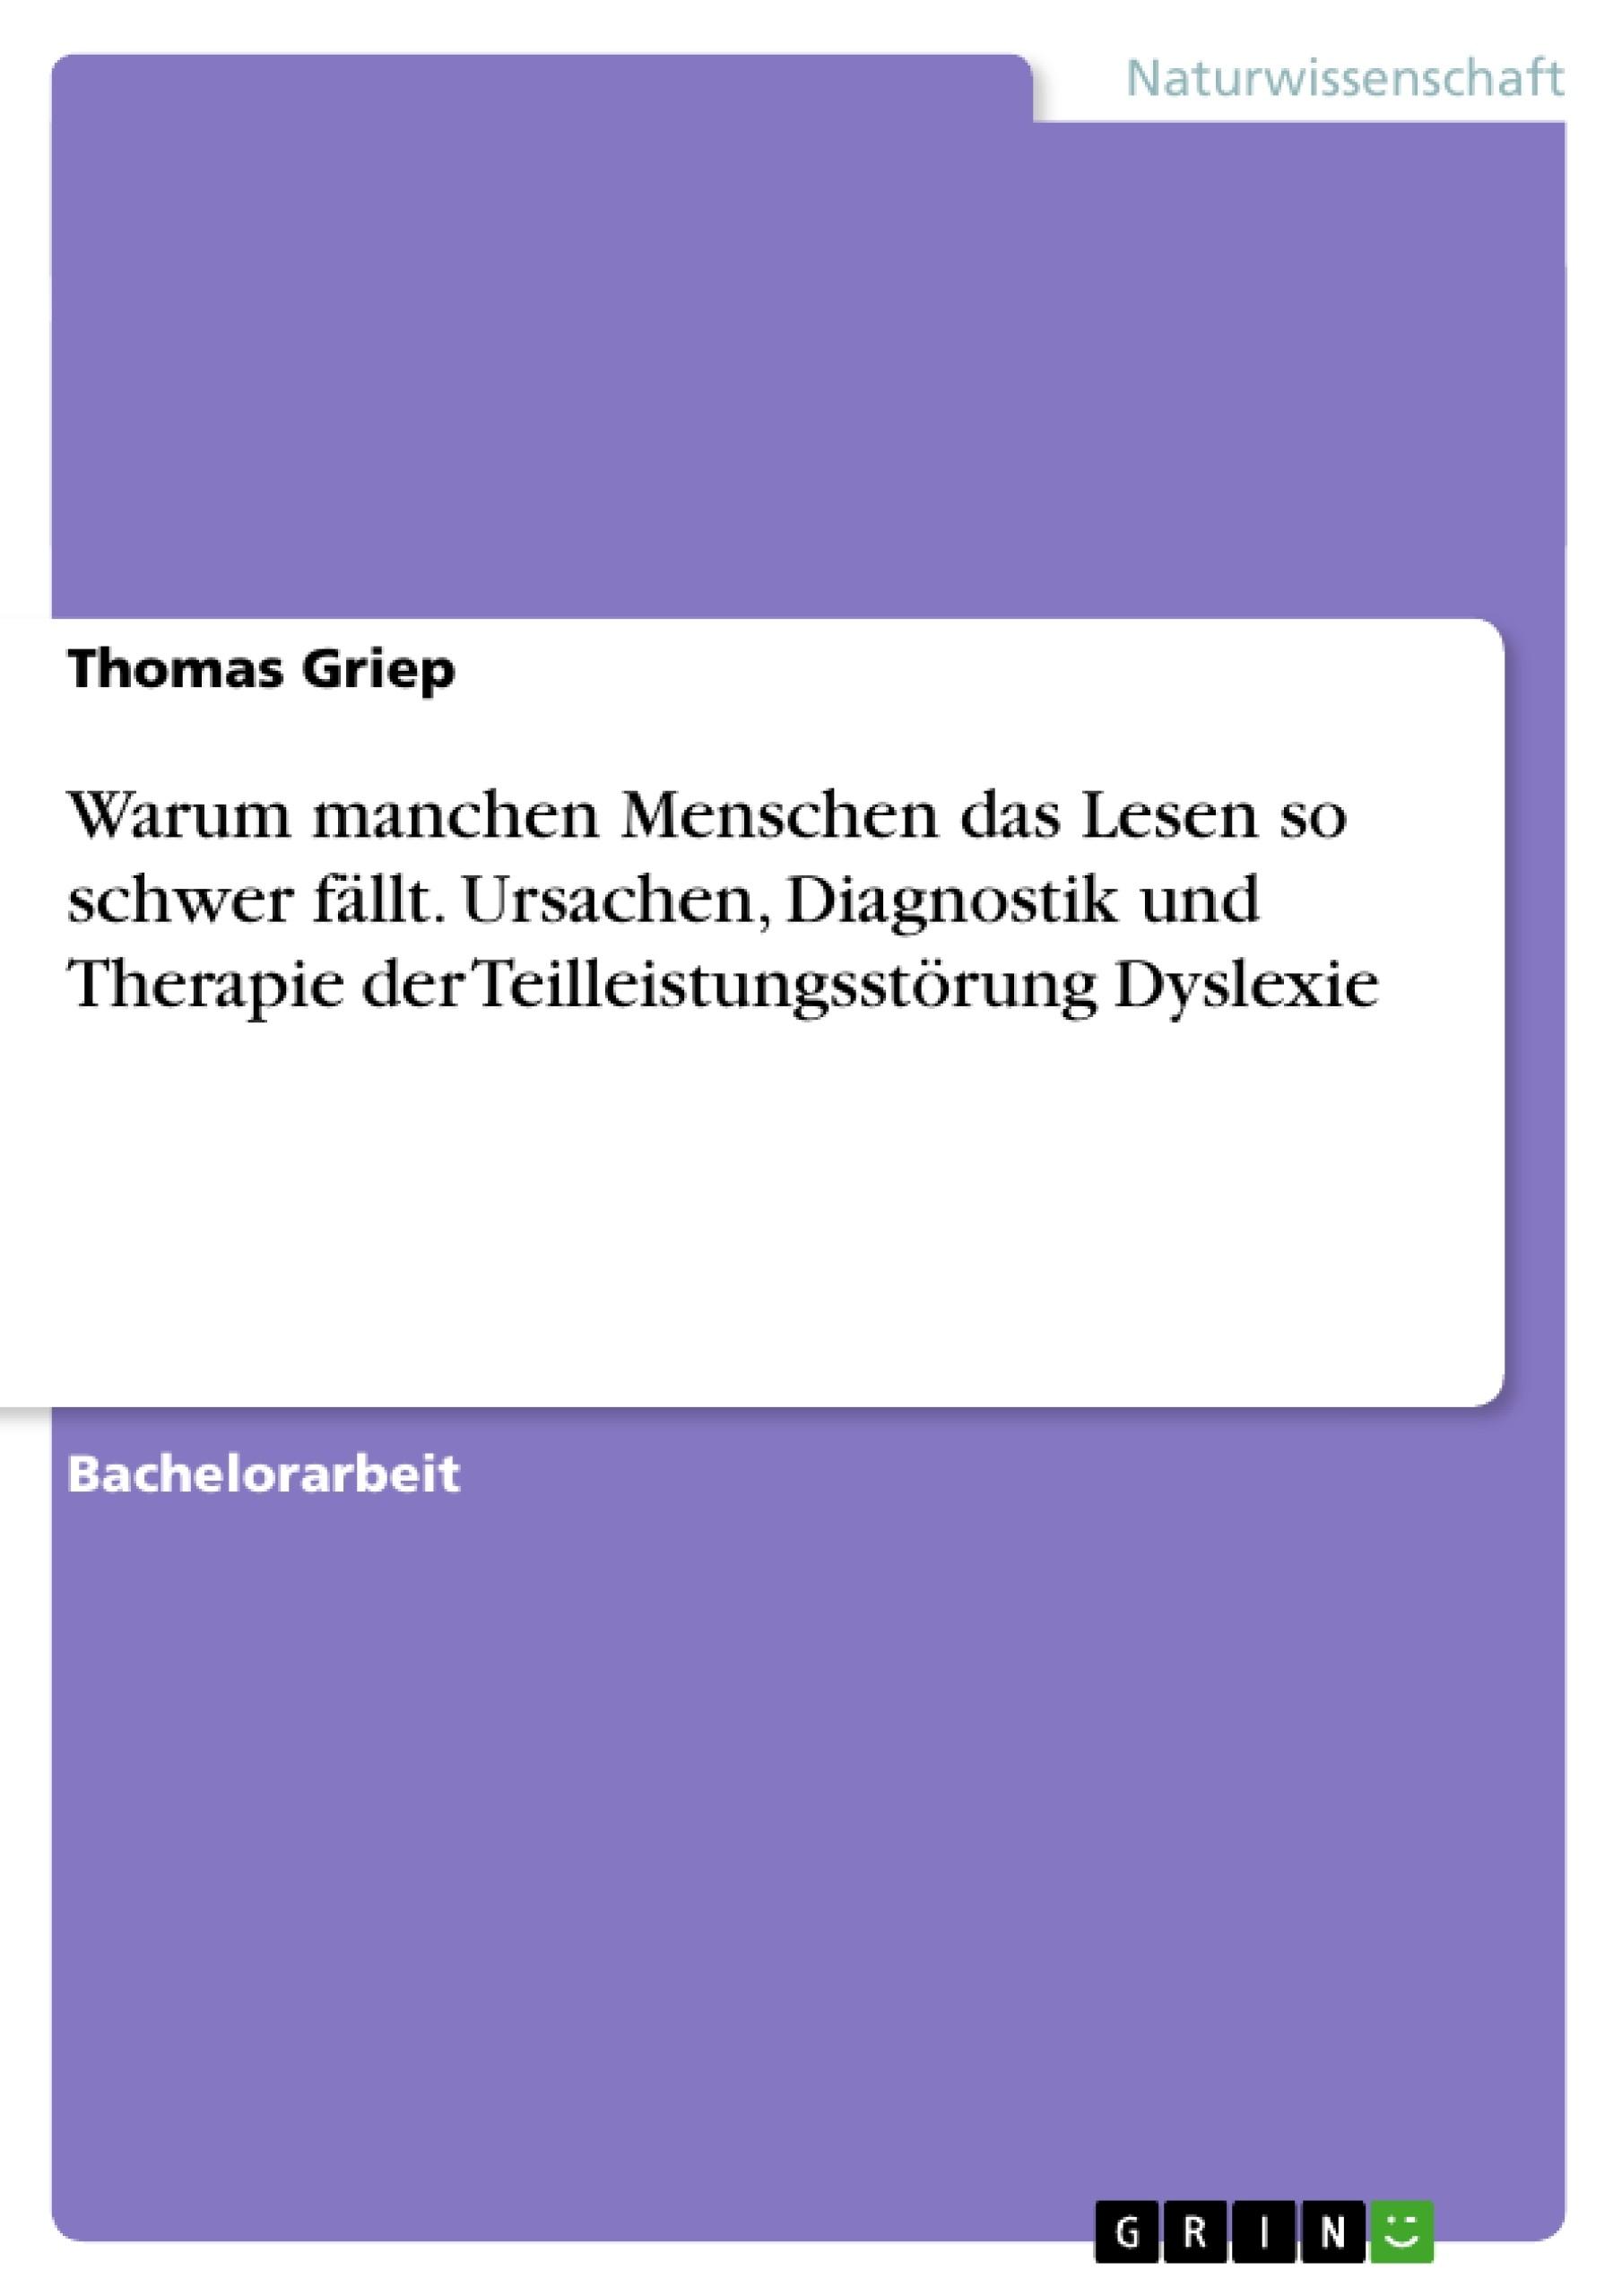 Titel: Warum manchen Menschen das Lesen so schwer fällt. Ursachen, Diagnostik und Therapie der Teilleistungsstörung Dyslexie